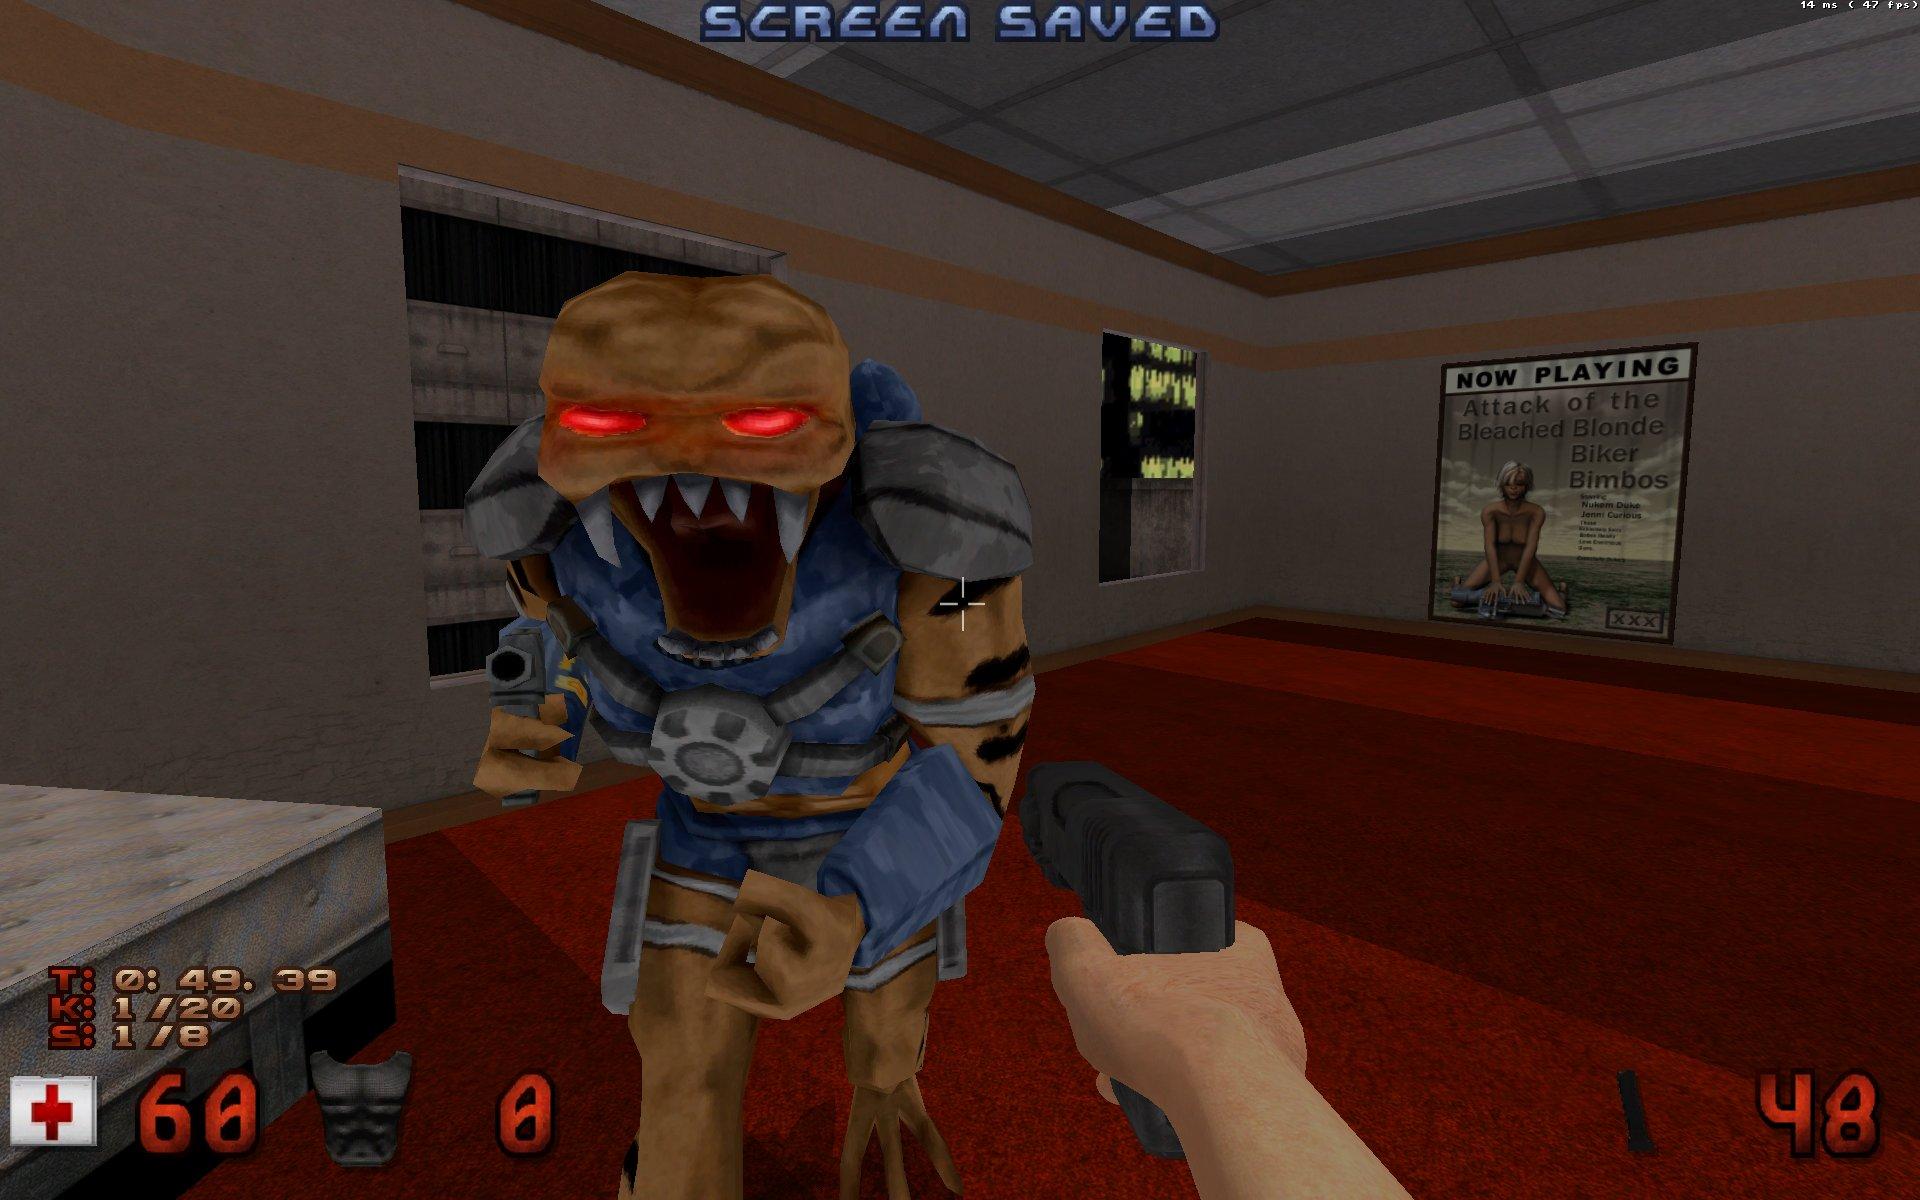 Une capture d'écran du jeu Duke Nukem 3D, montrant un extraterrestre de près.